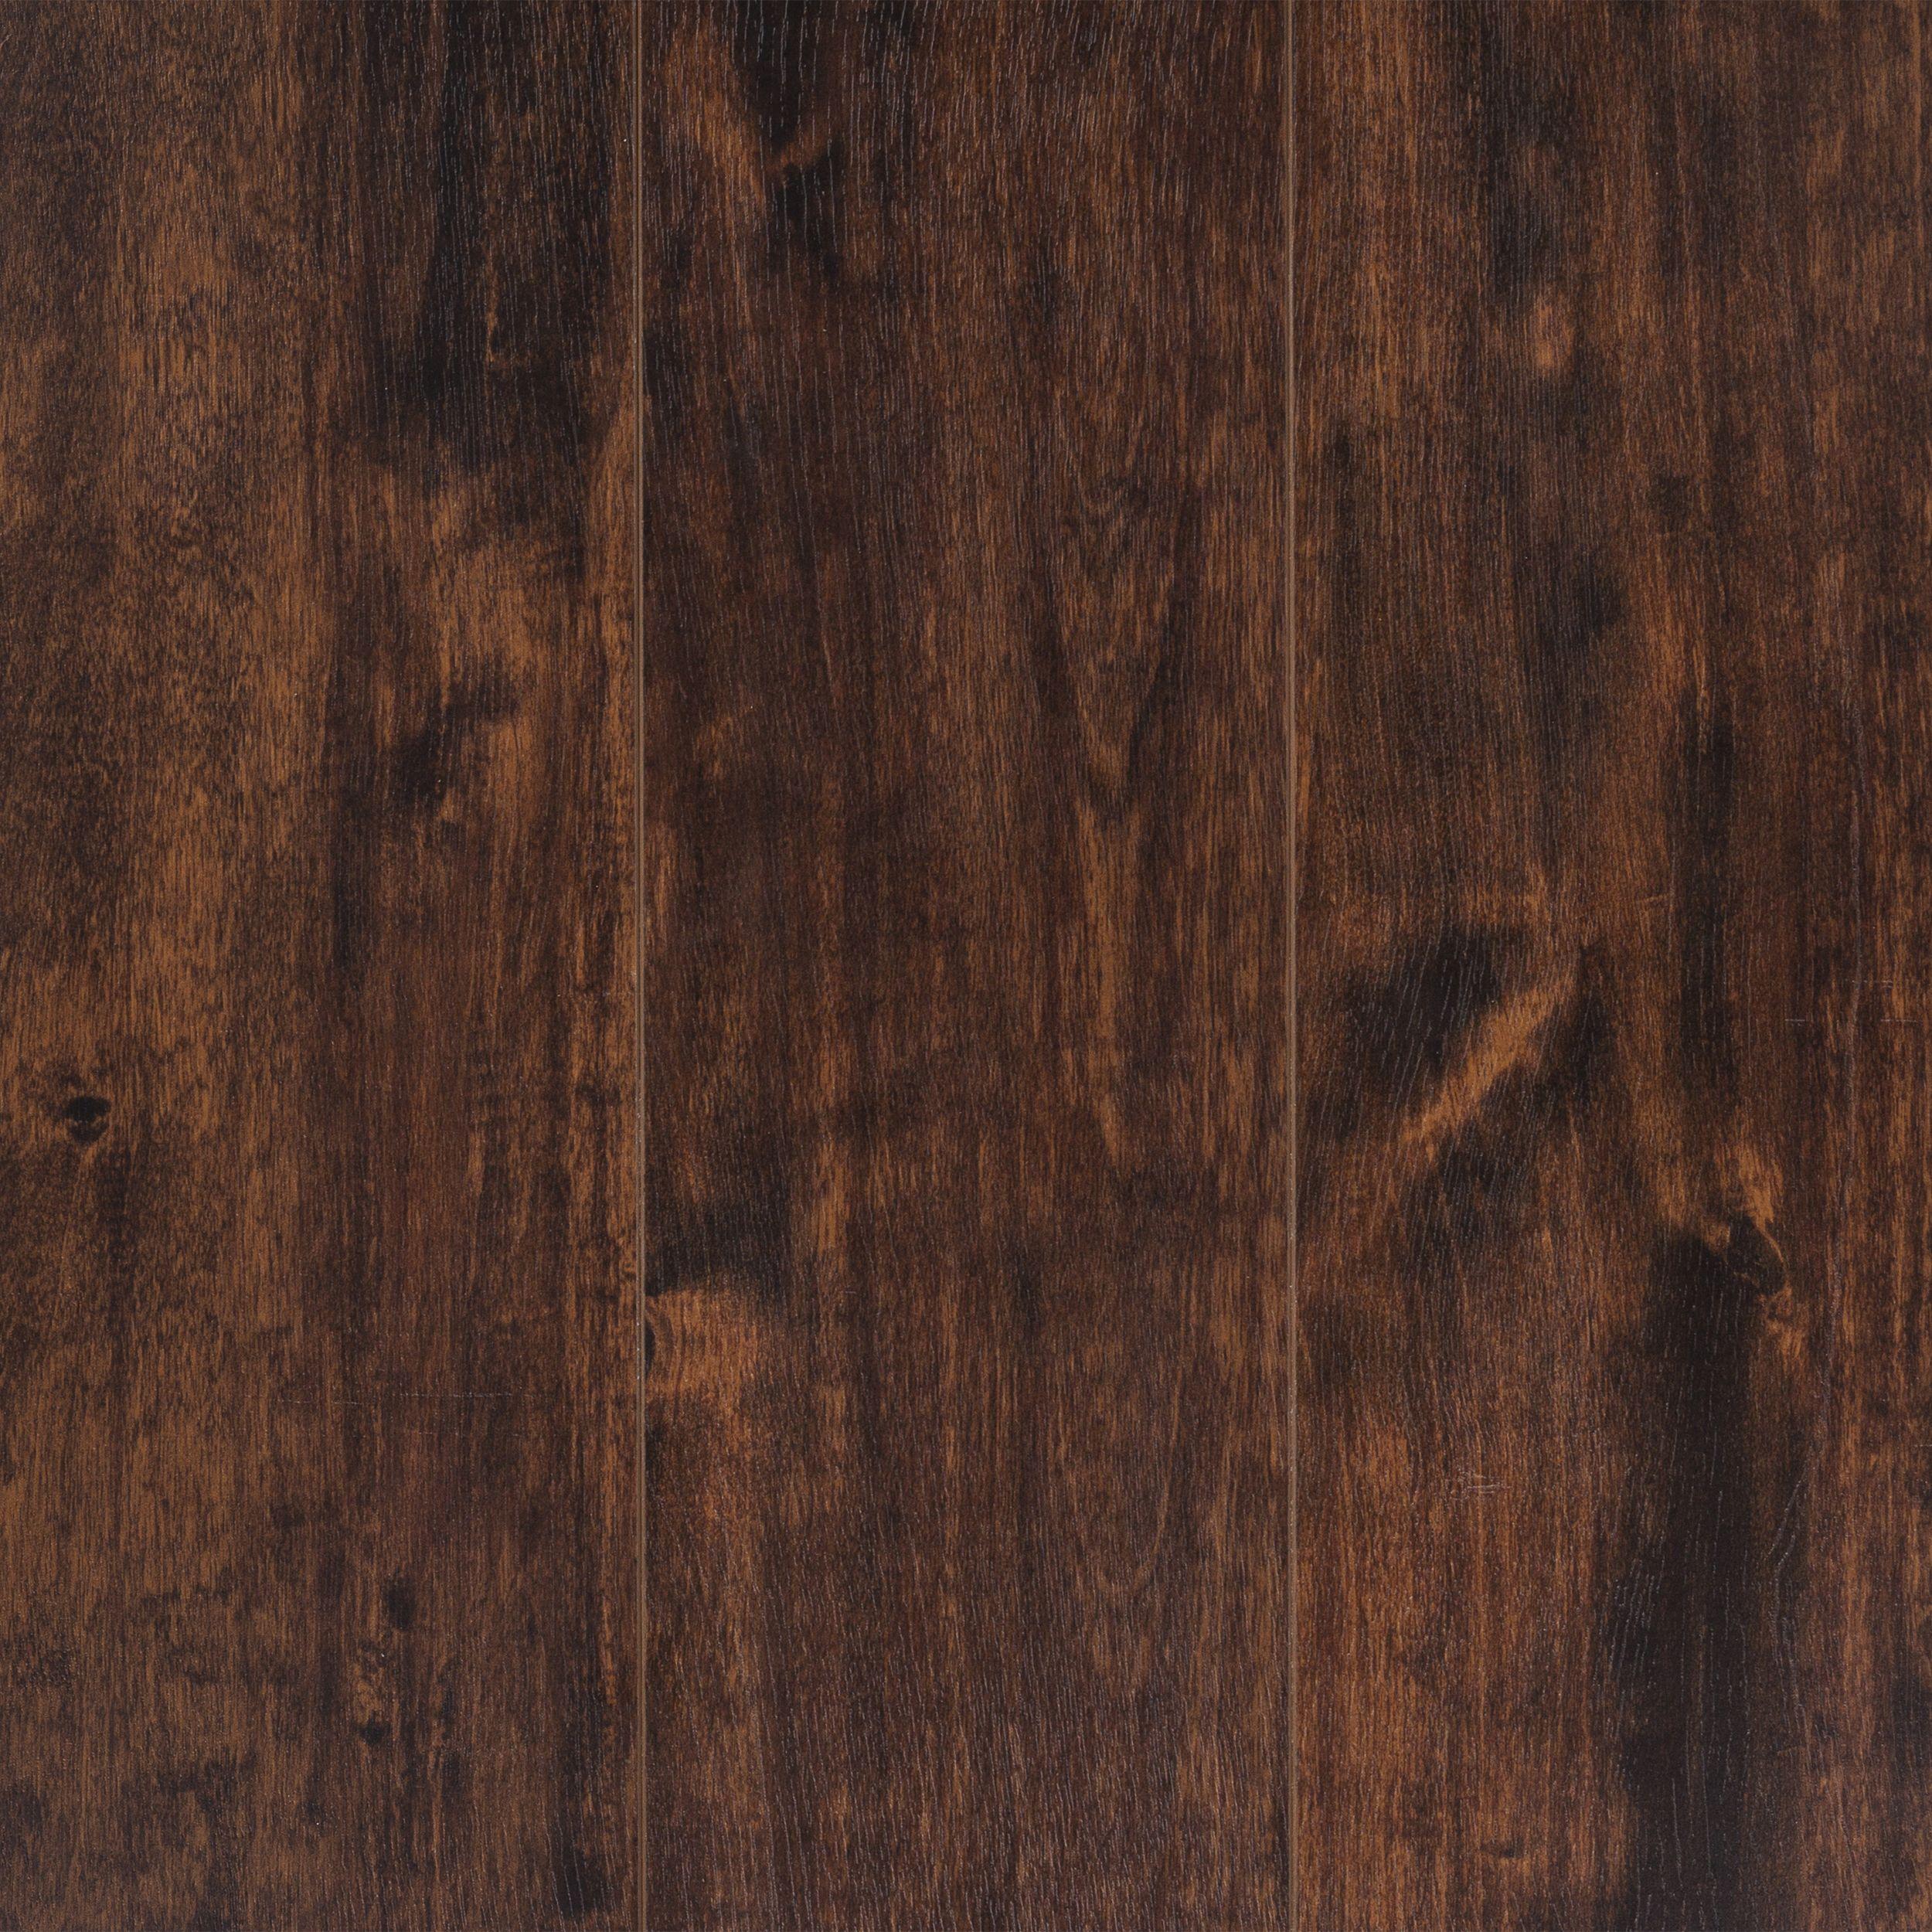 Aquaguard Espresso Water Resistant Laminate Floor Decor Water Resistant Flooring Flooring Floor Decor